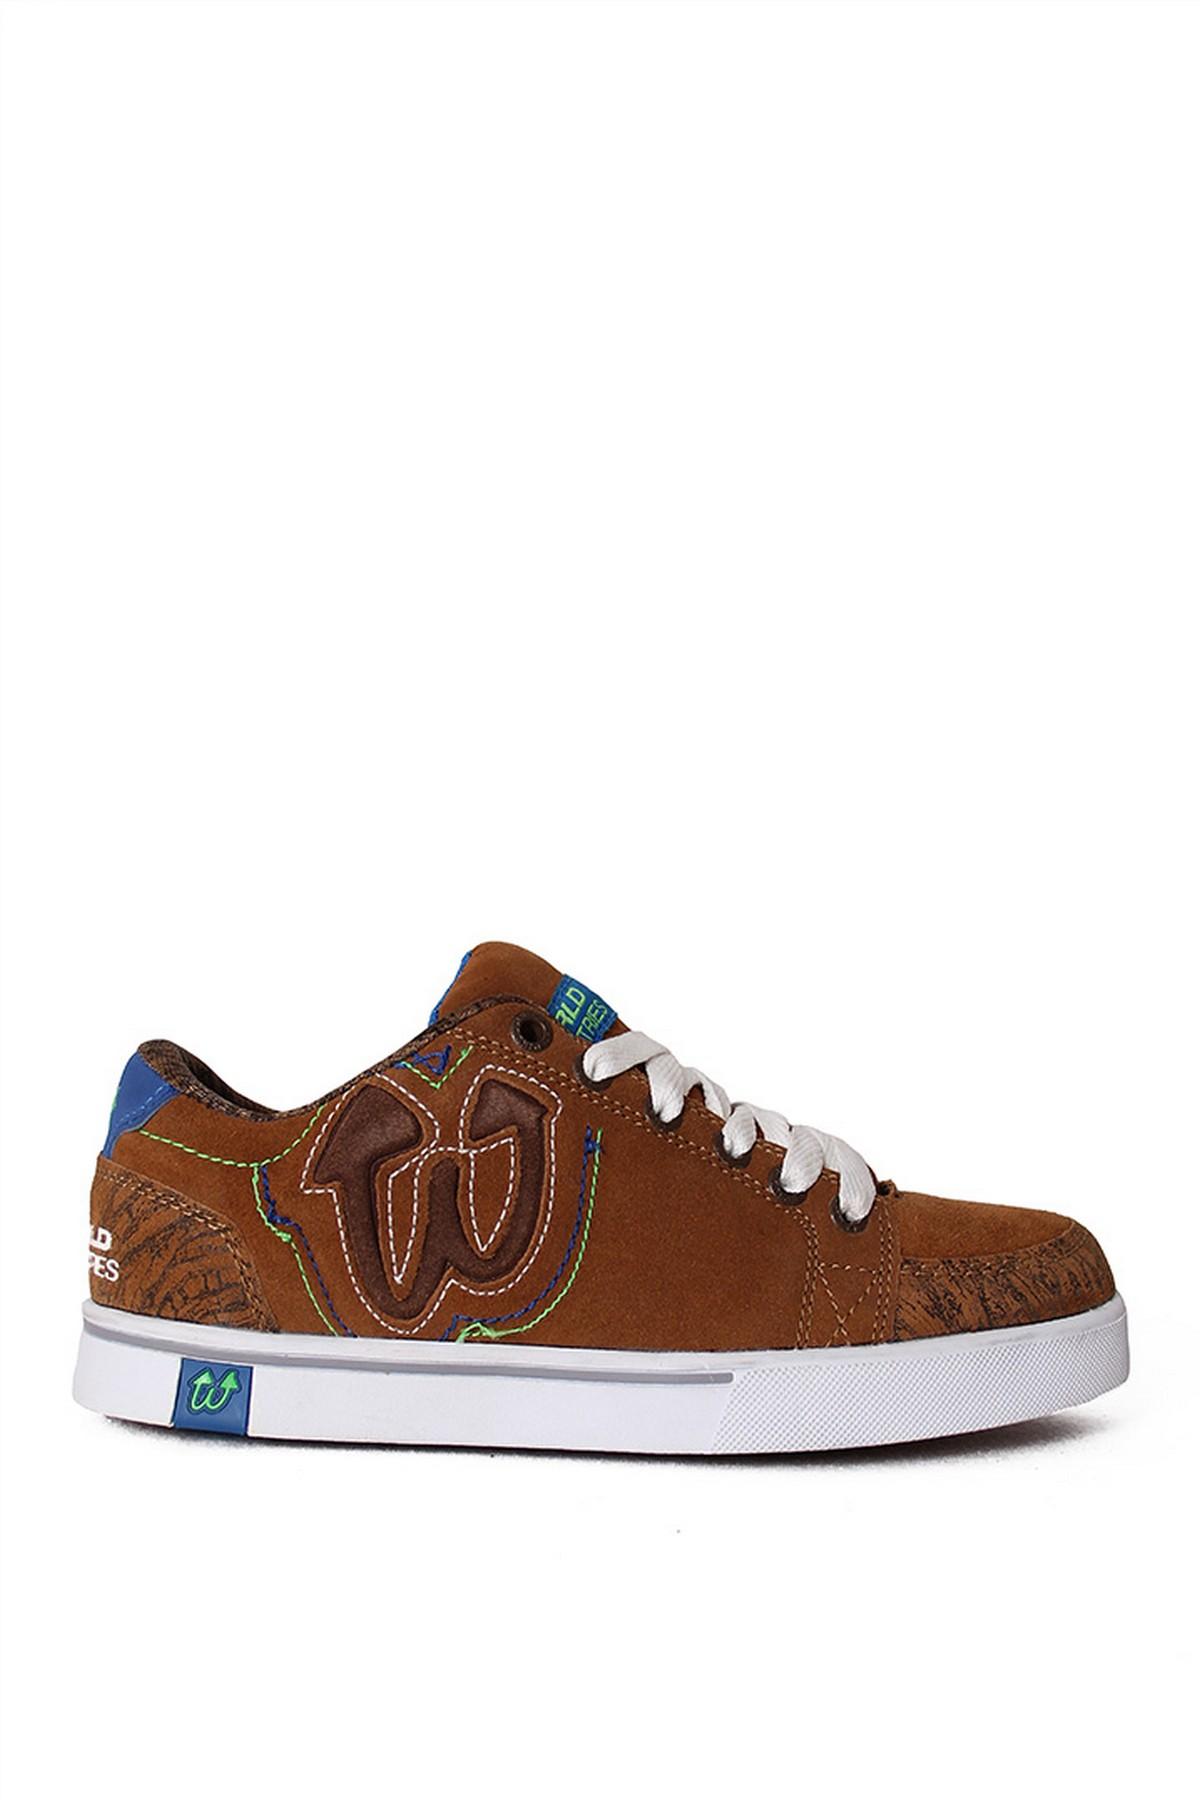 World Erkek Günlük Ayakkabı Kahverengi (WF0099)